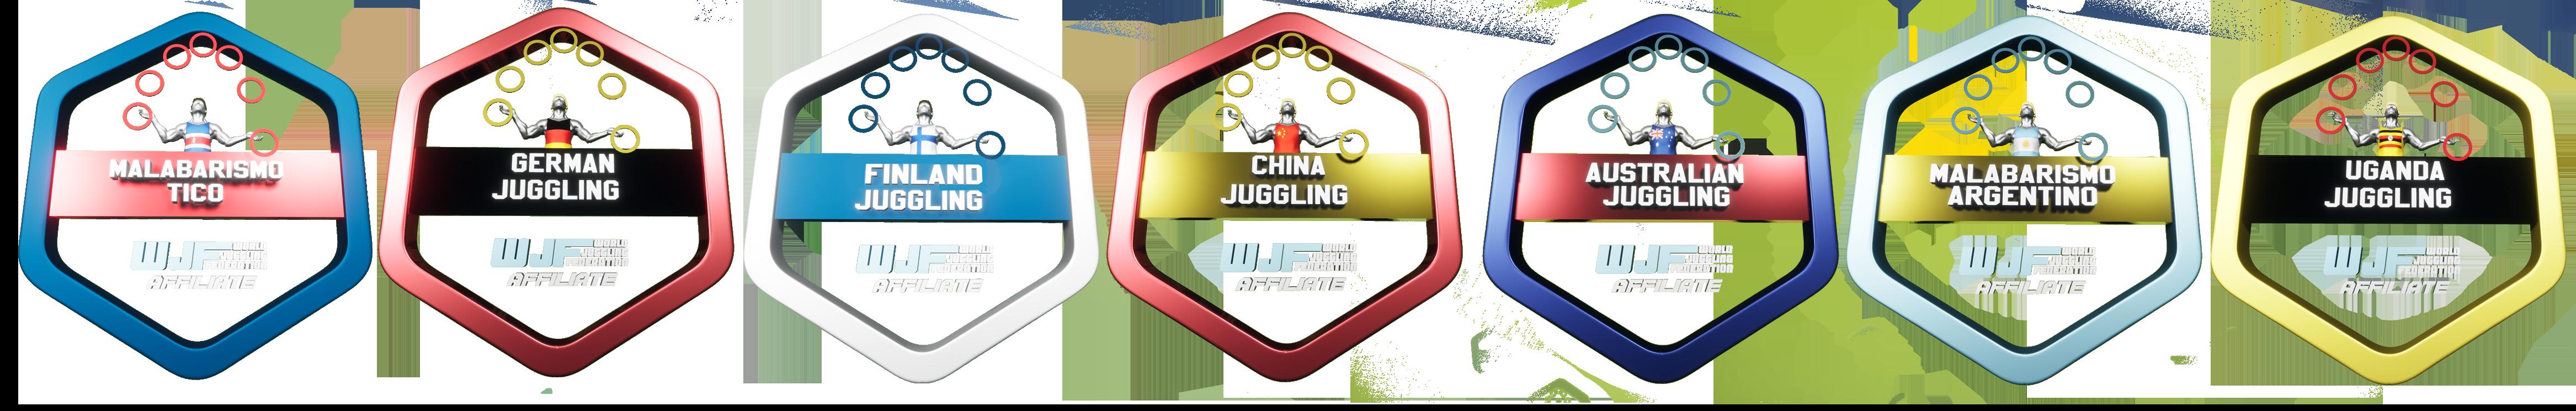 juggling_man_logo_clear